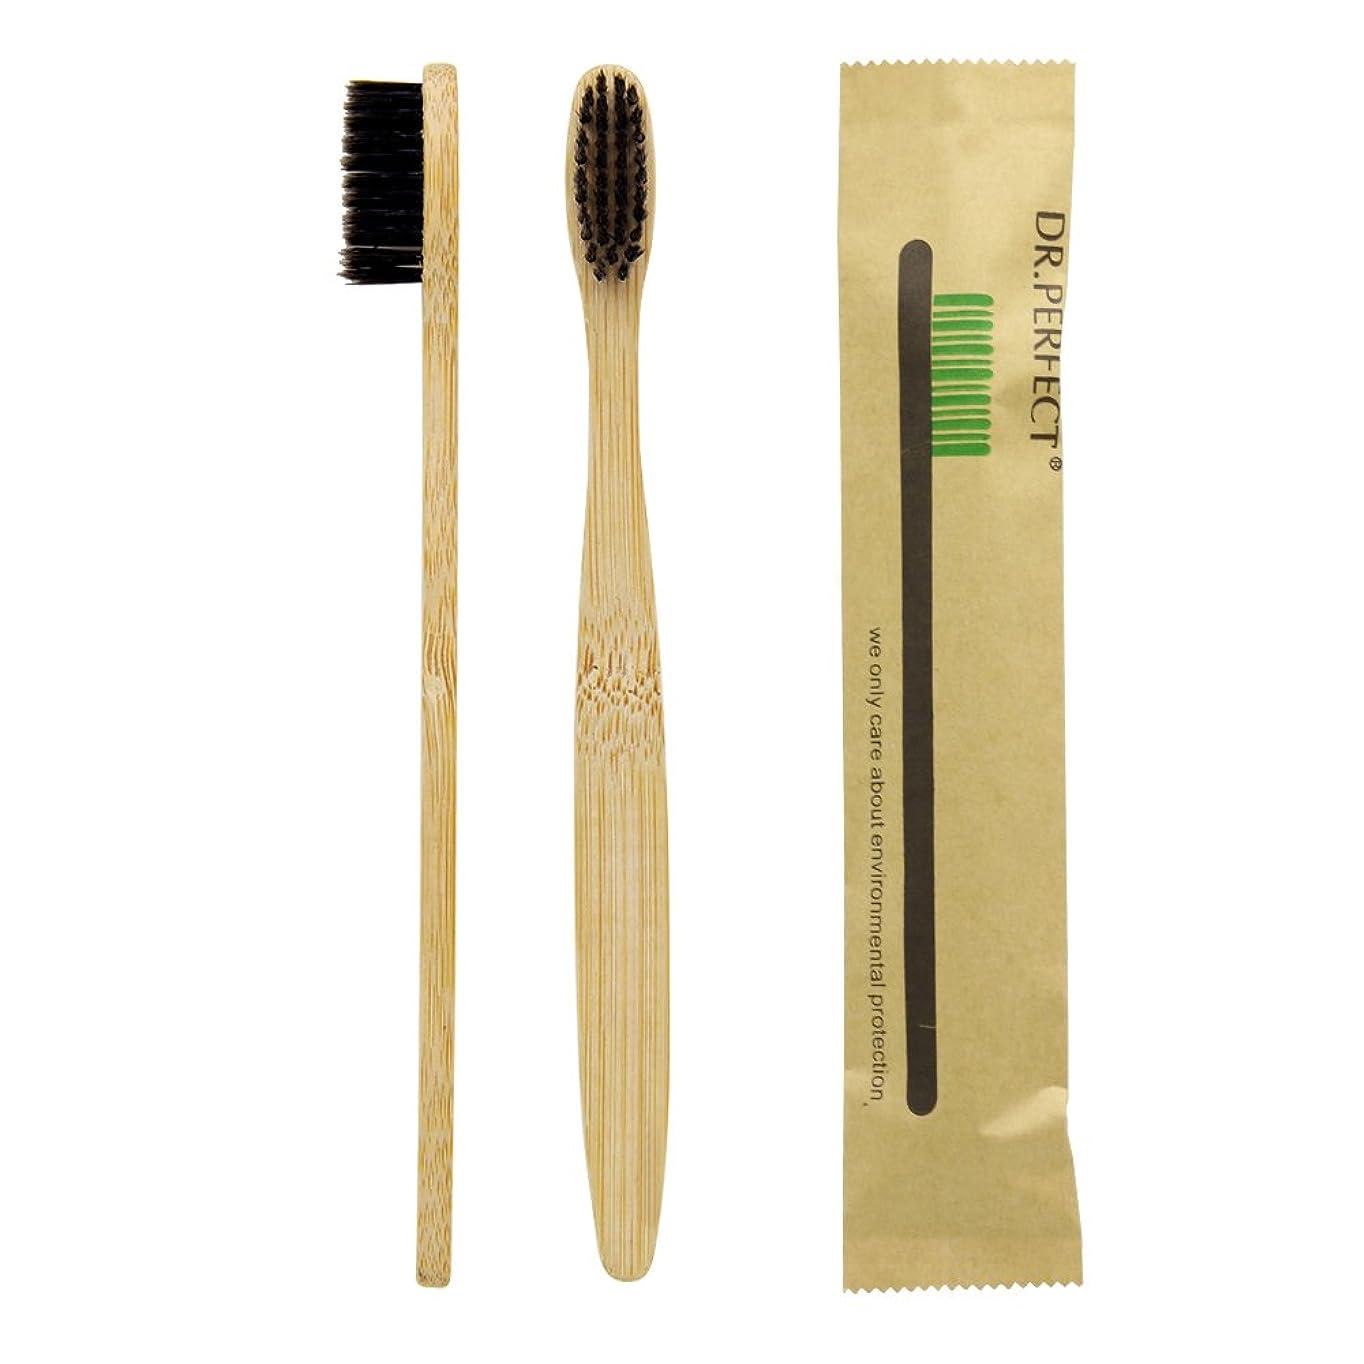 計画非常に位置づけるDr.Perfect 歯ブラシ 竹歯ブラシアダルト竹の歯ブラシ ナイロン毛 環境保護の歯ブラシ (ブラック)